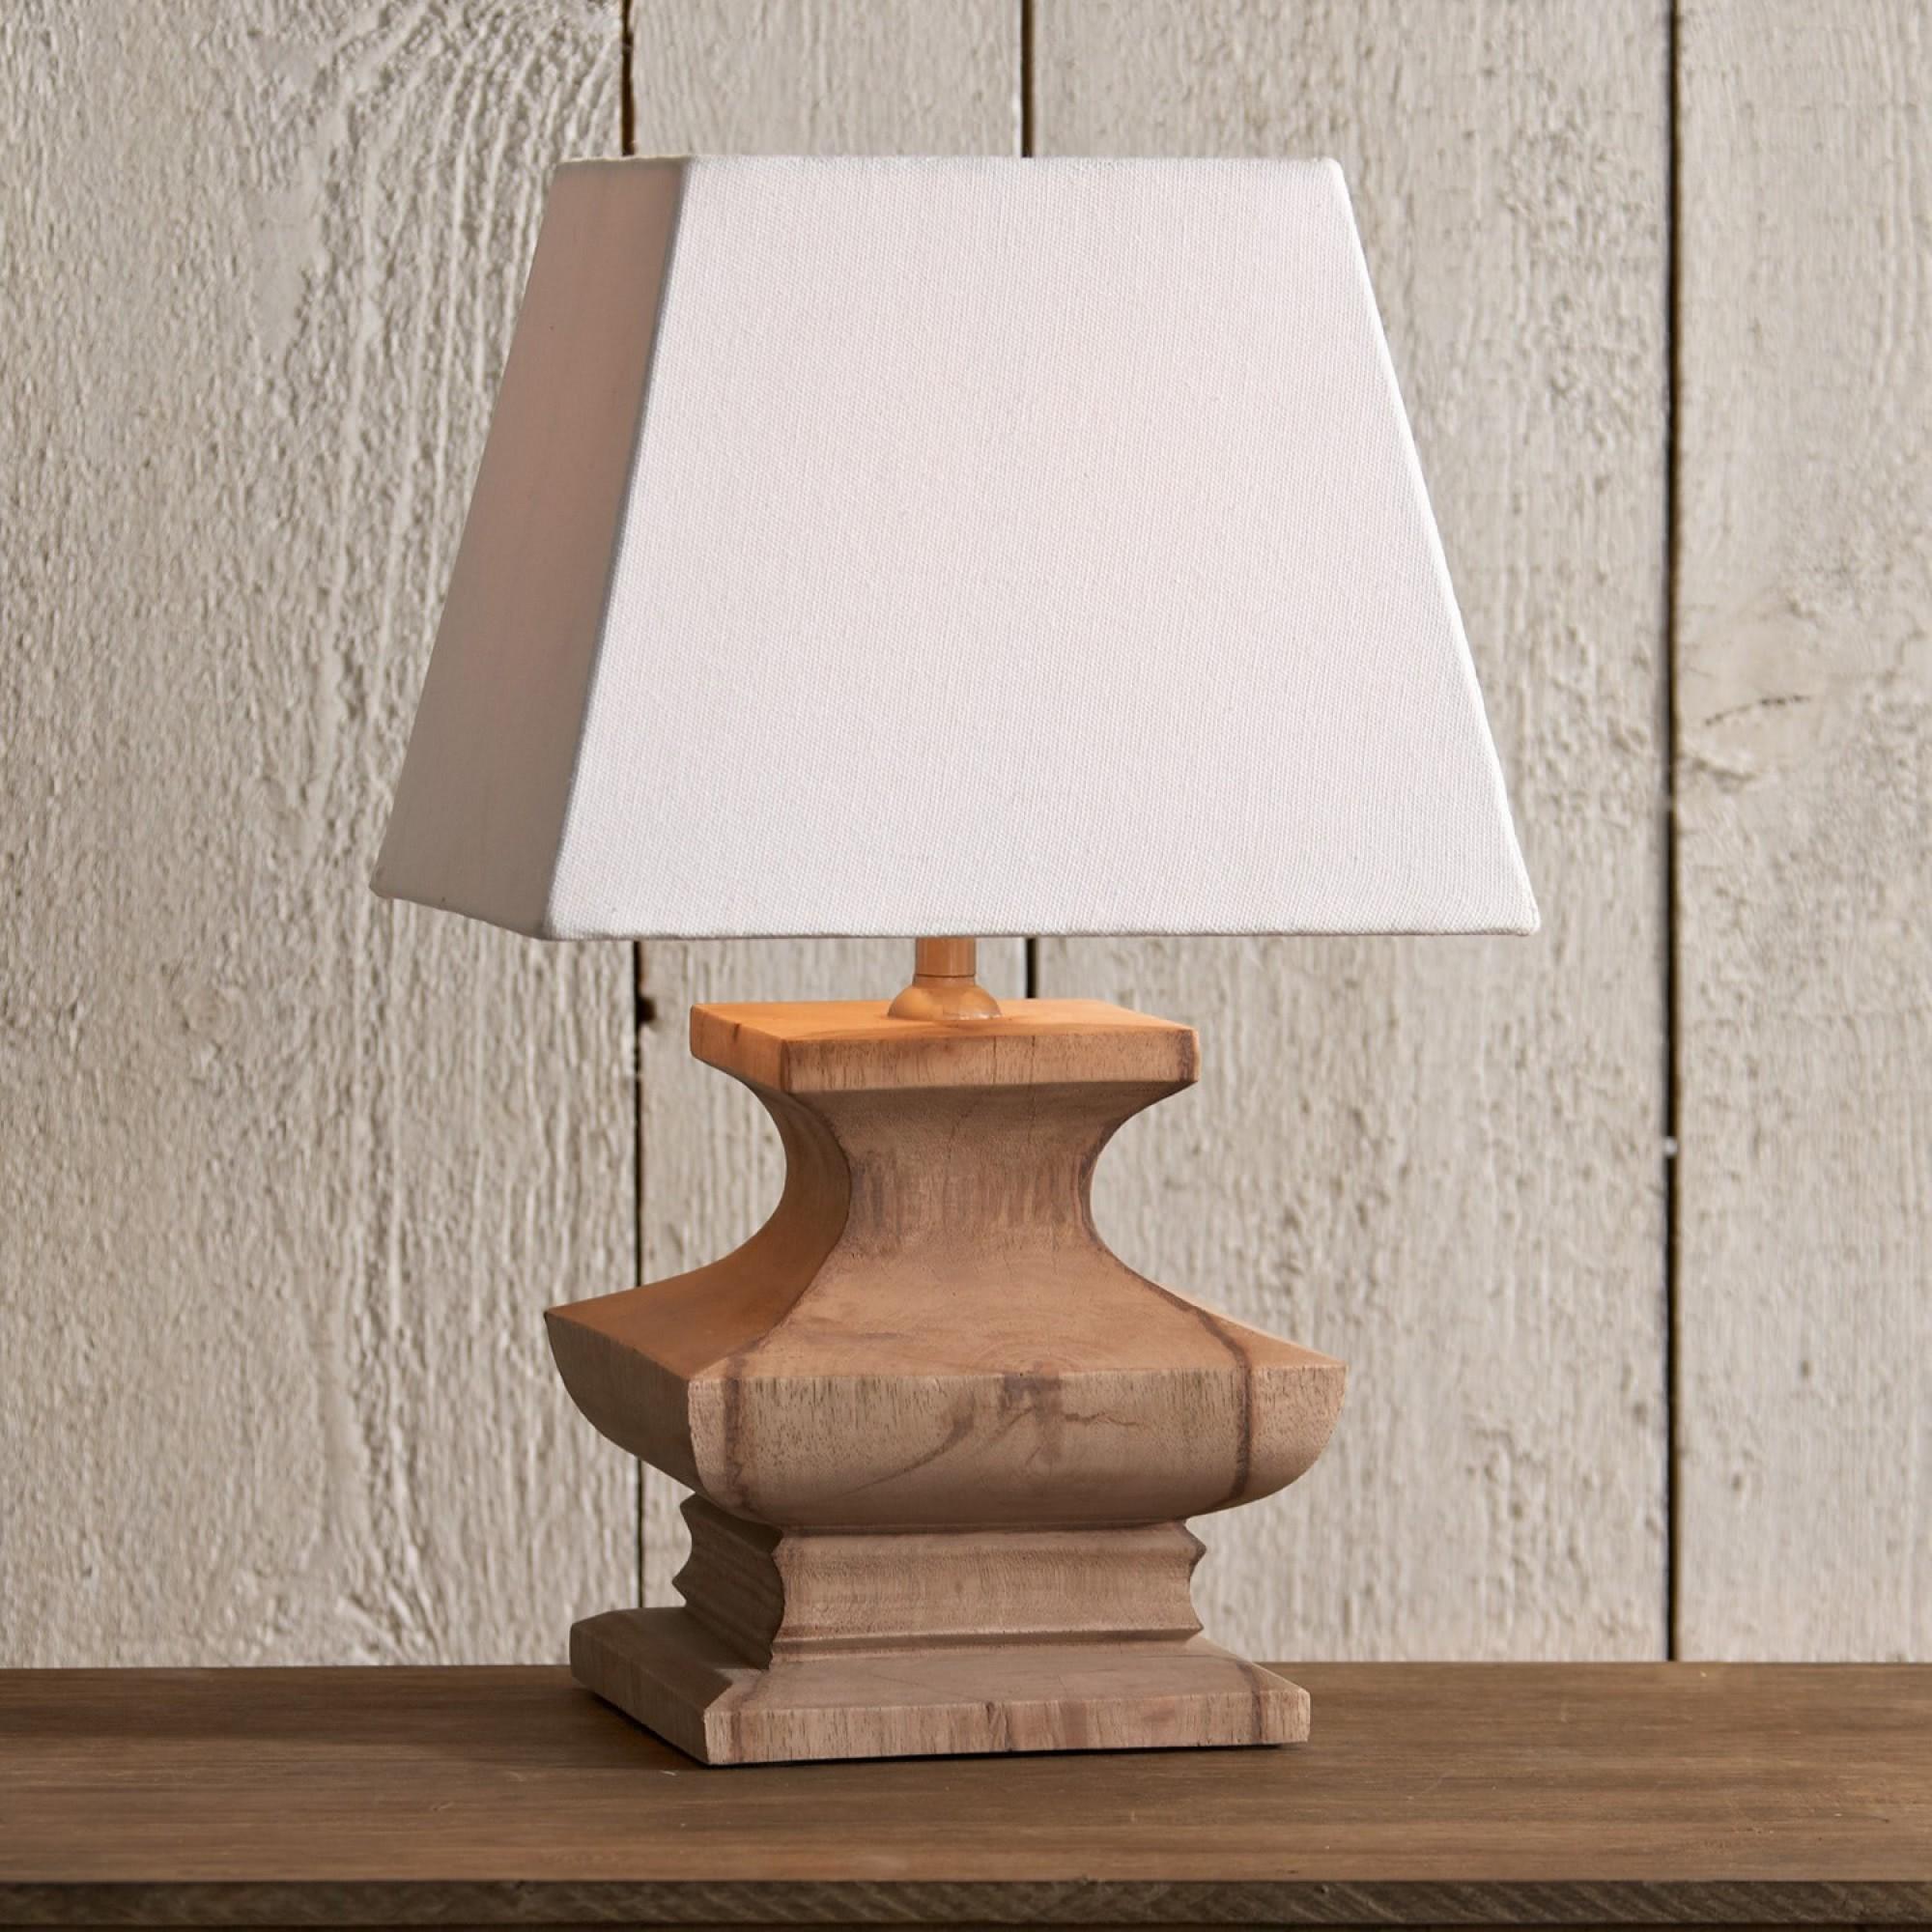 tischlampe kansas loberon coming home. Black Bedroom Furniture Sets. Home Design Ideas